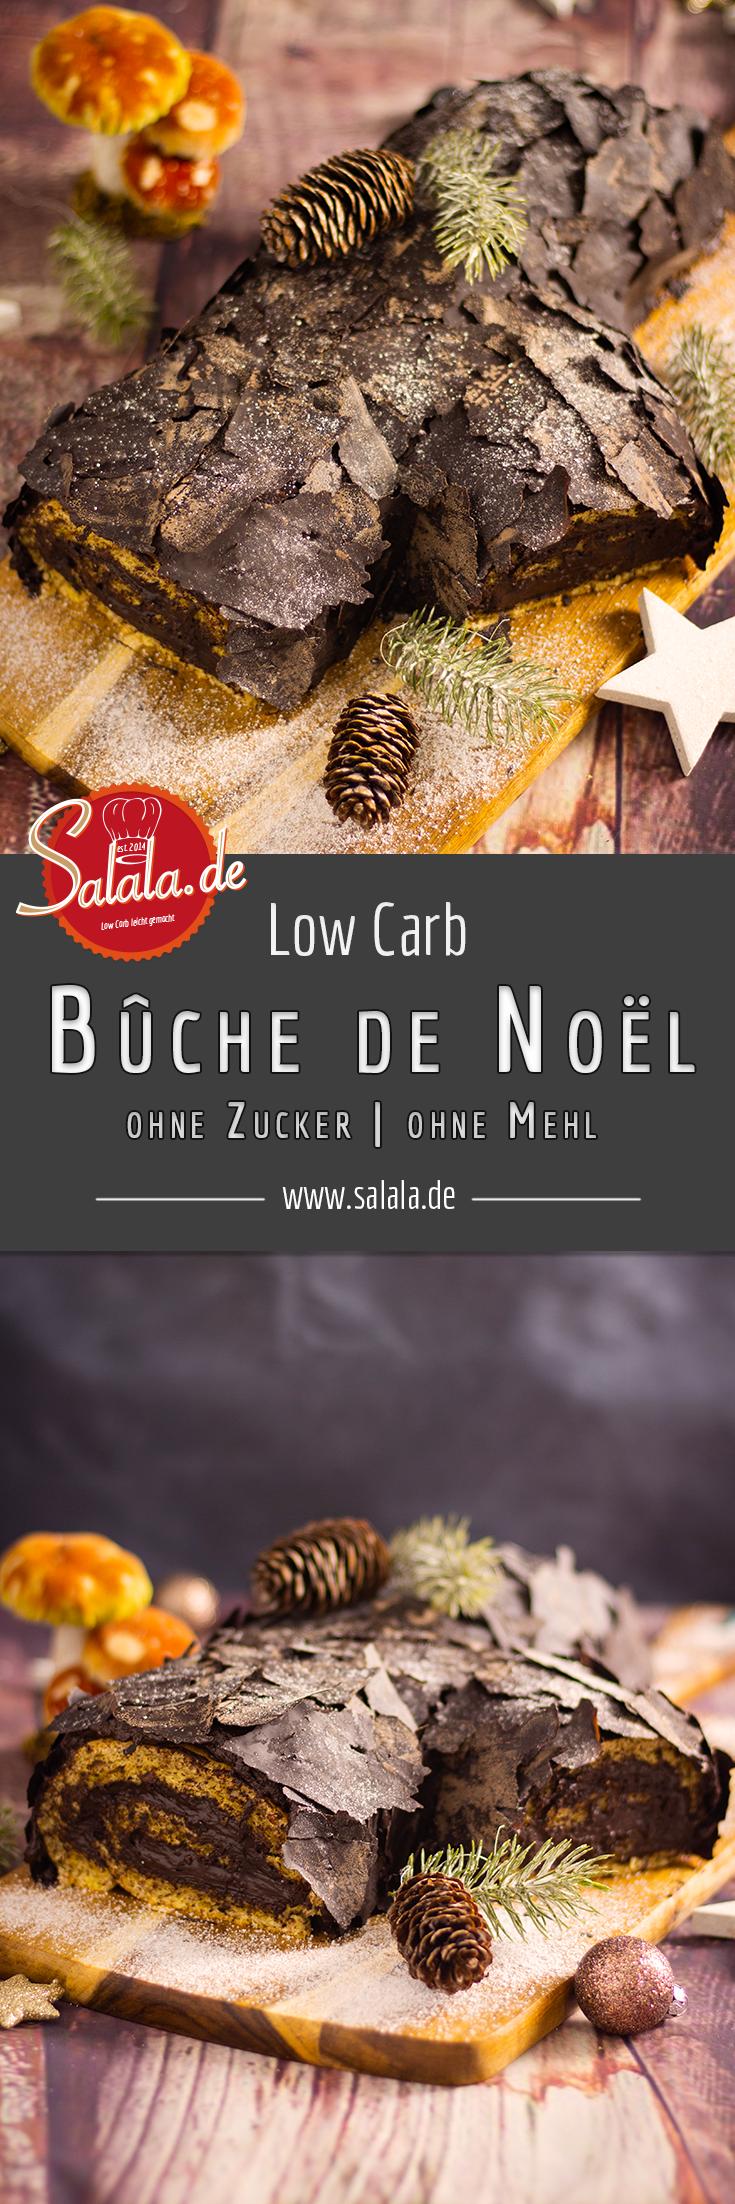 Bûche de Noël - Weihnachtsbäckerei ohne Zucker | salala.de – Low Carb leicht gemacht